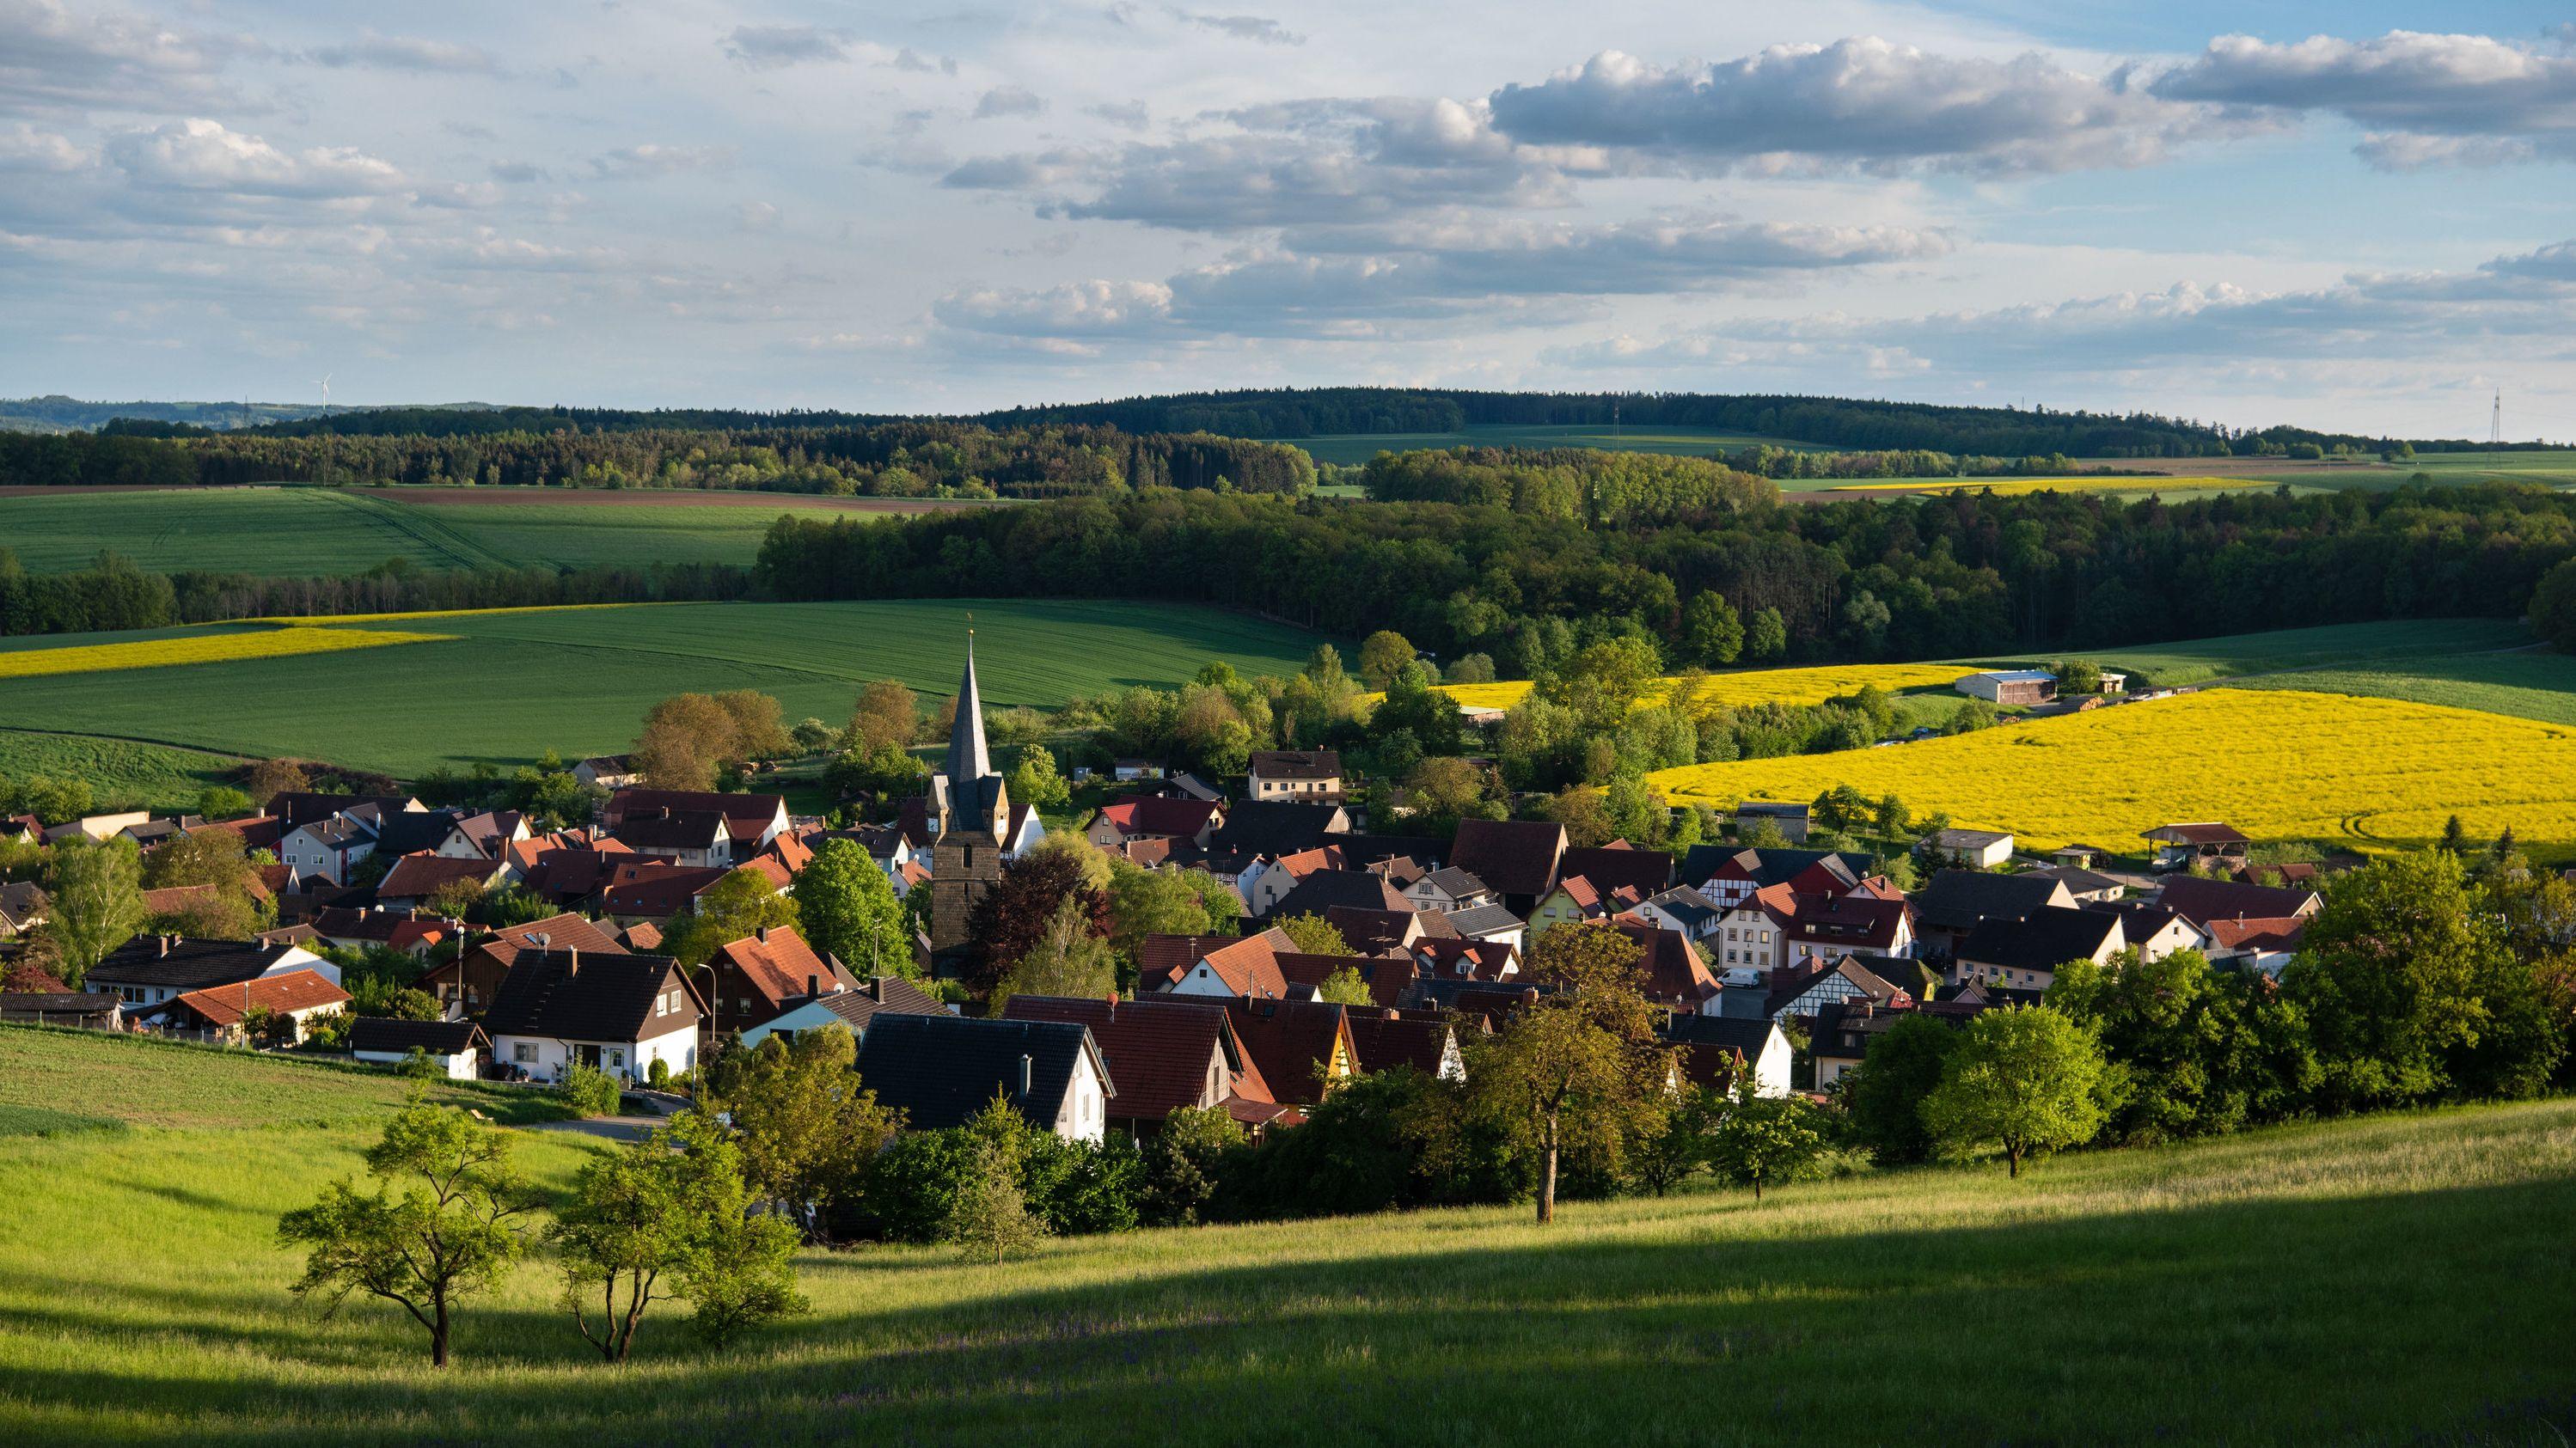 Bayern, Döringstadt: Das Abendlicht lässt die idyllische Ortschaft aufleuchten.